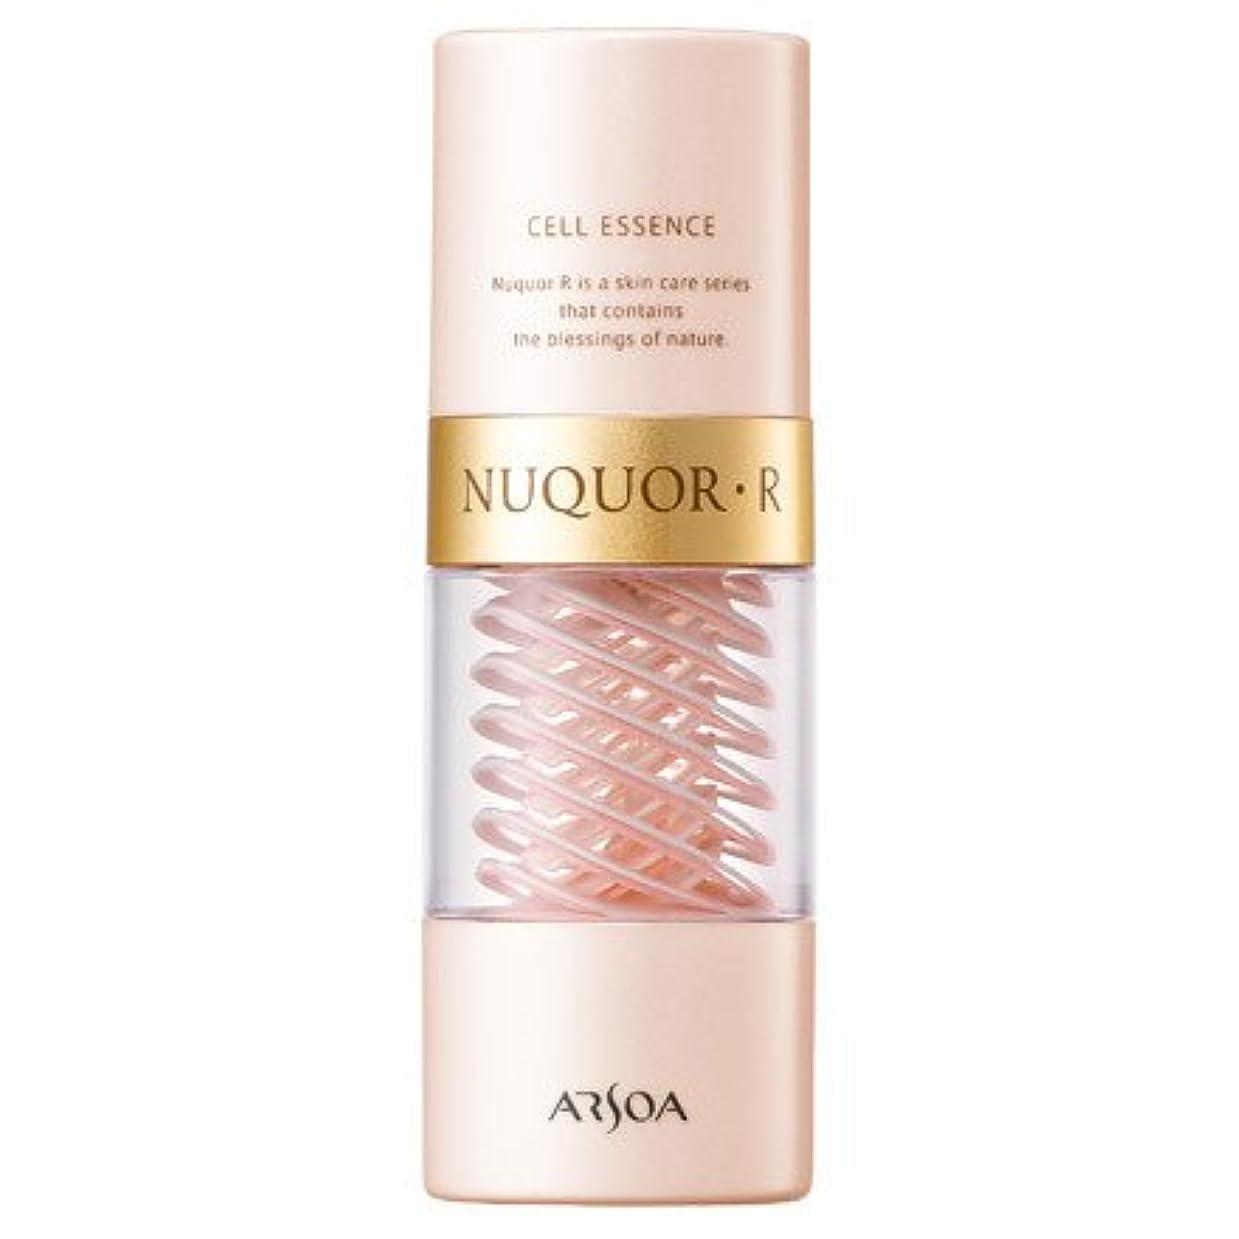 評価可能スツール緩やかなアルソア ヌクォルR セルエッセンス 25ml 美容液